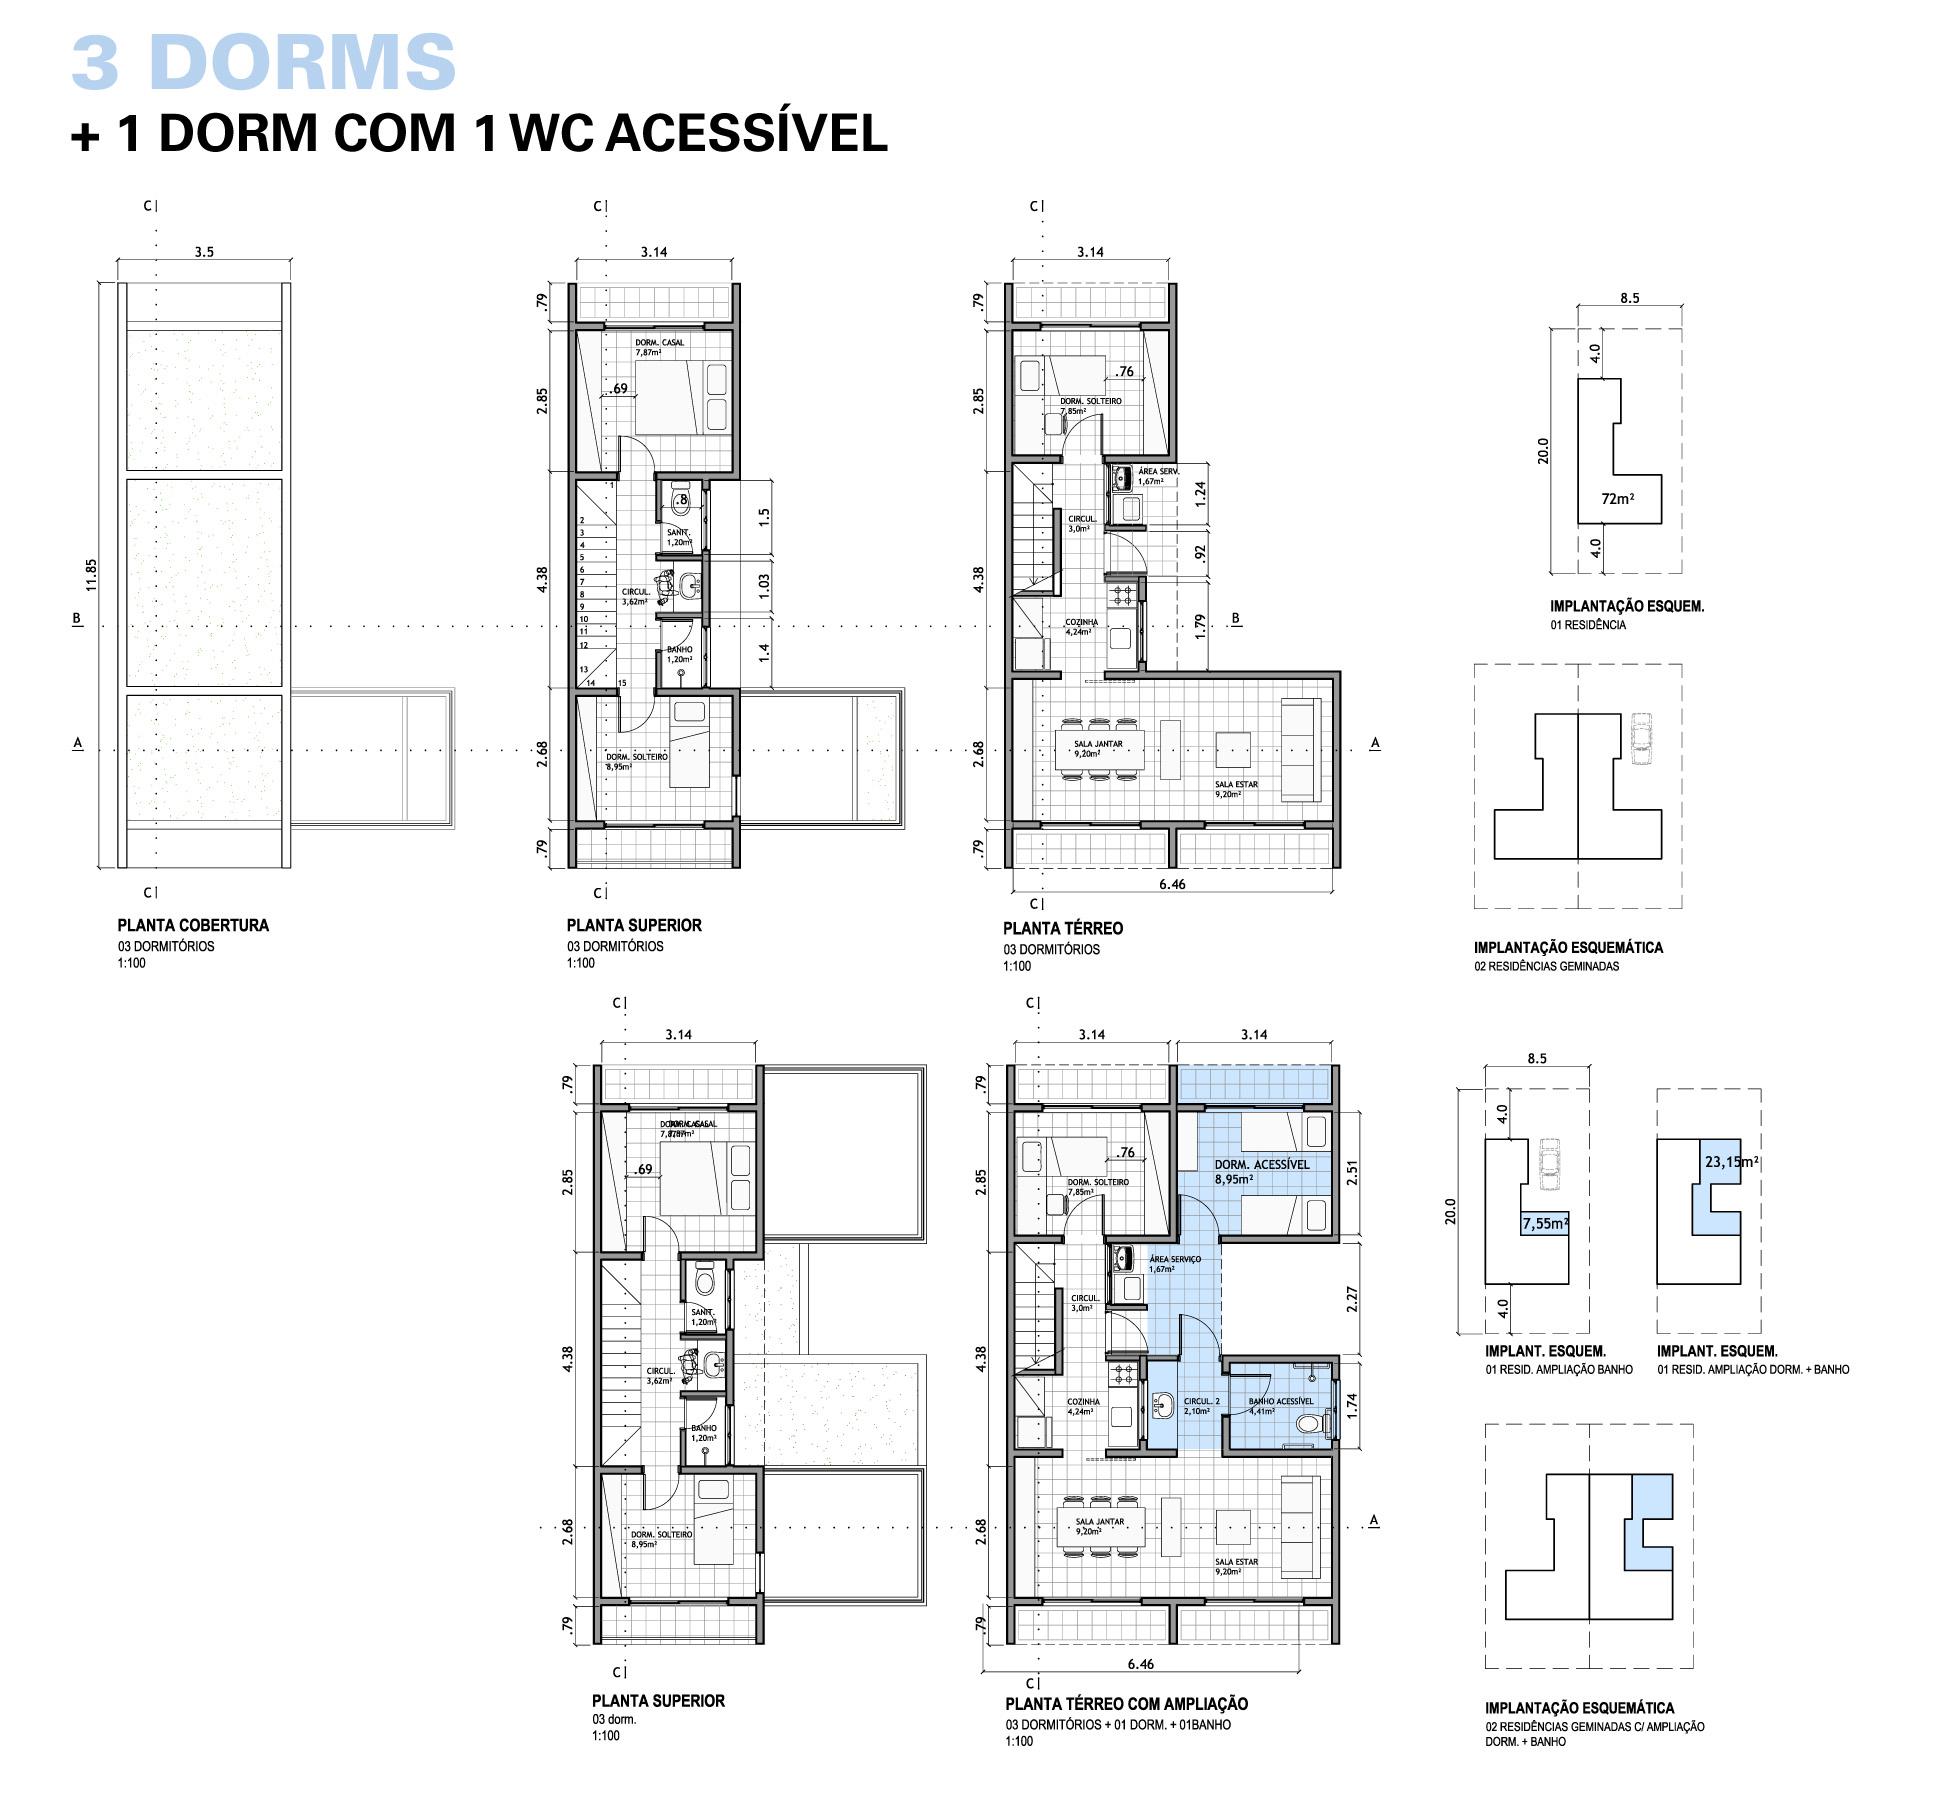 Plantas baixas da tipologia com 3 dormitórios e 3 dormitórios com  #4D667E 1940x1793 Banheiro Acessivel Planta Baixa